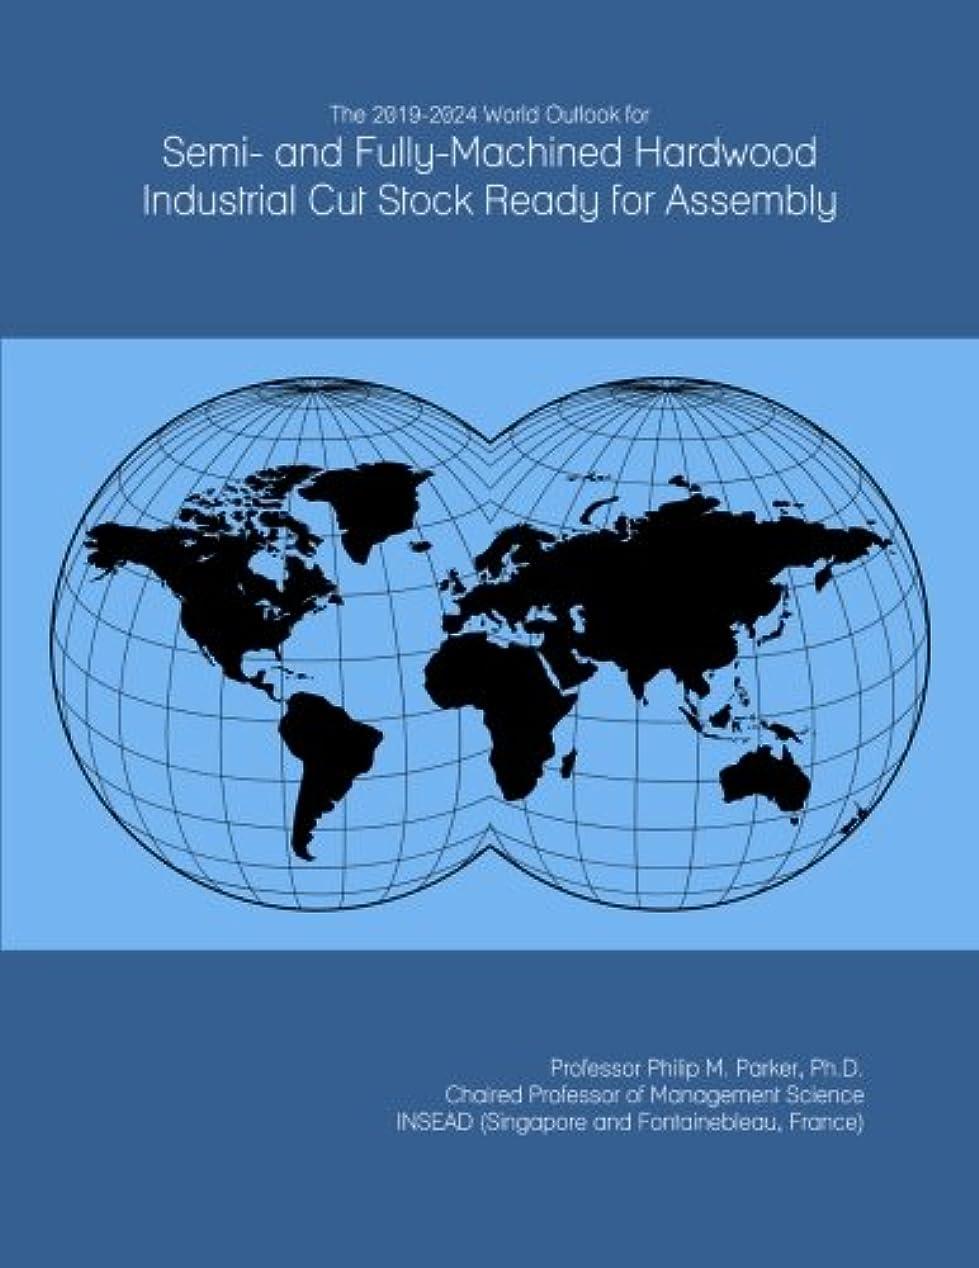 コンテスト驚いた反対したThe 2019-2024 World Outlook for Semi- and Fully-Machined Hardwood Industrial Cut Stock Ready for Assembly